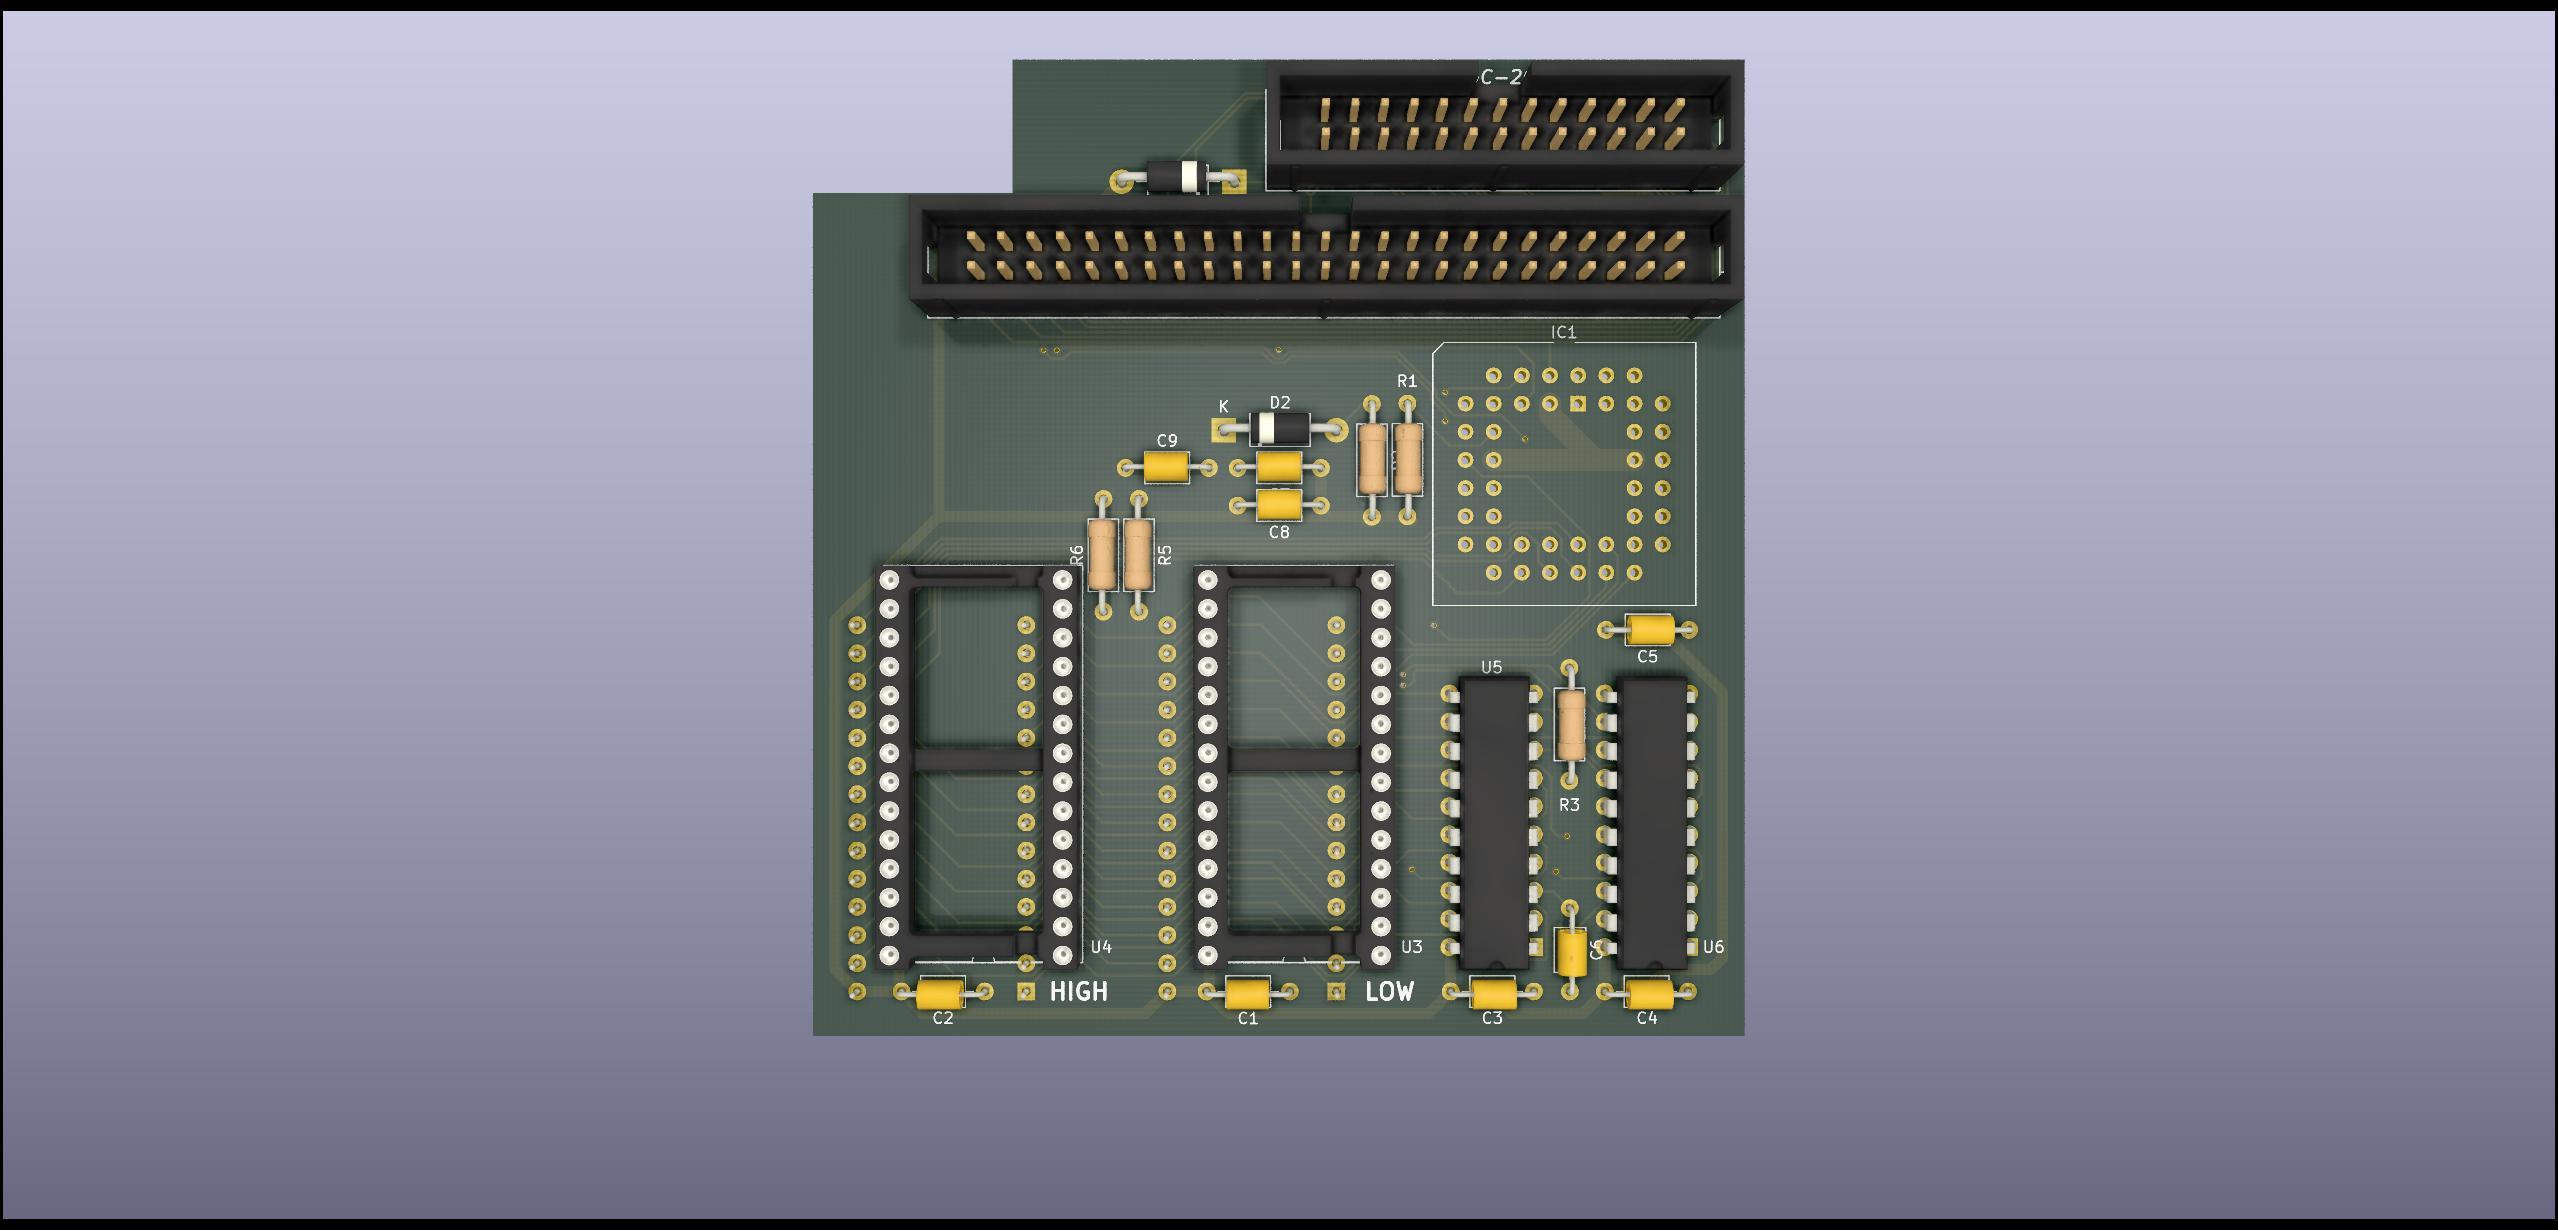 MacSnap%20SCSI.jpg